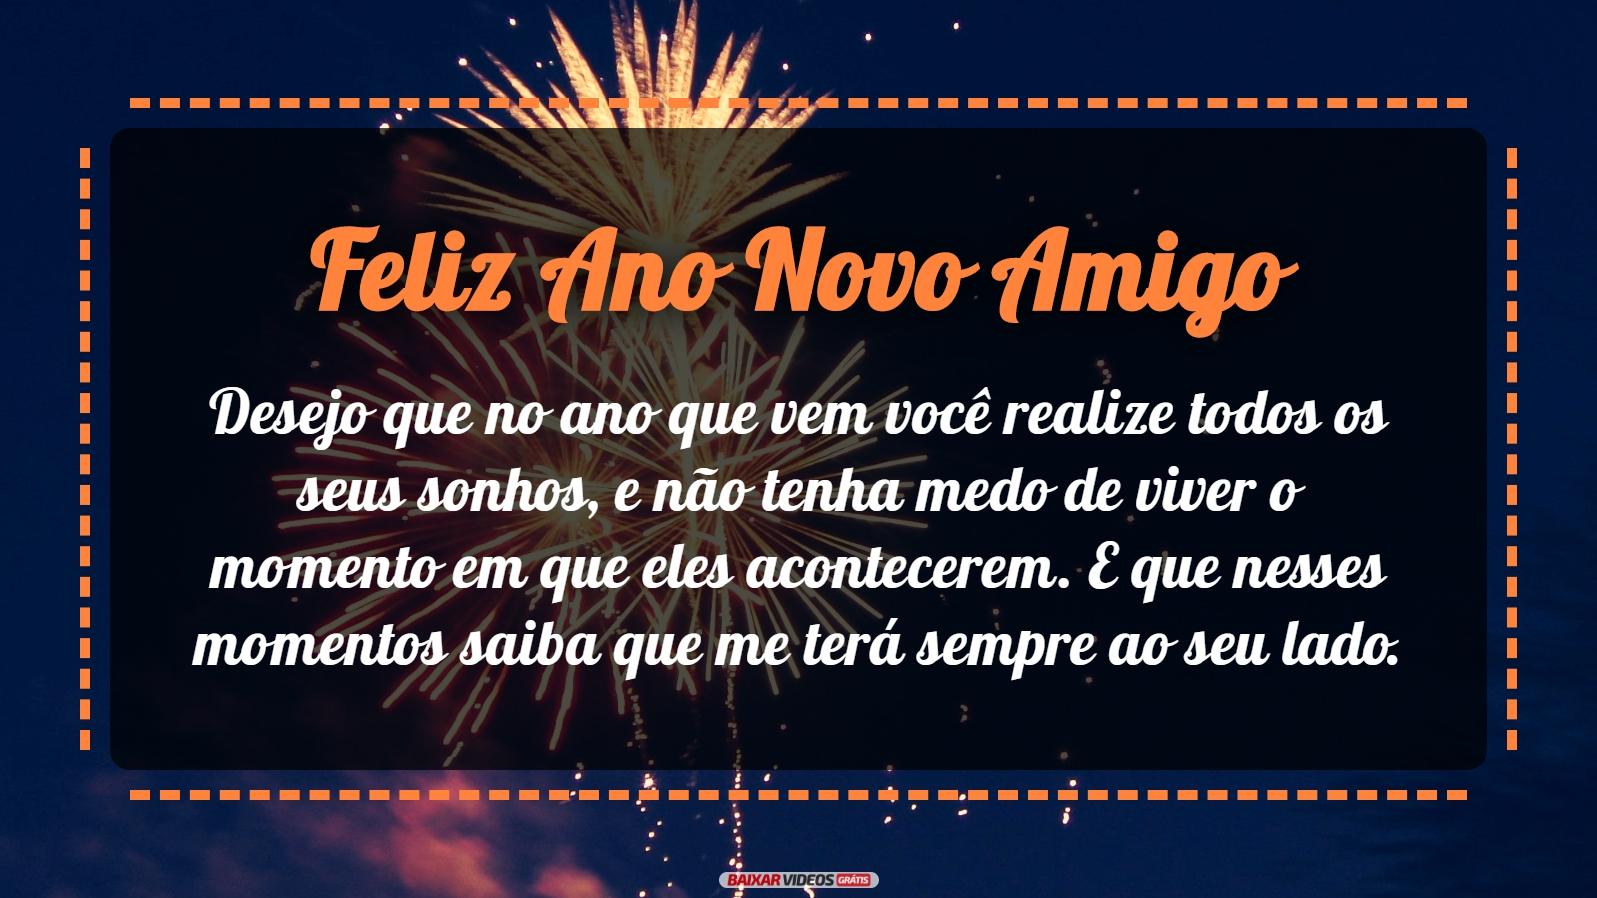 Desejo que no ano que vem você realize todos os seus sonhos, e não tenha medo de viver o momento em que eles acontecerem. E que nesses momentos saiba que me terá sempre ao seu lado. Feliz Ano Novo, meu amigo!